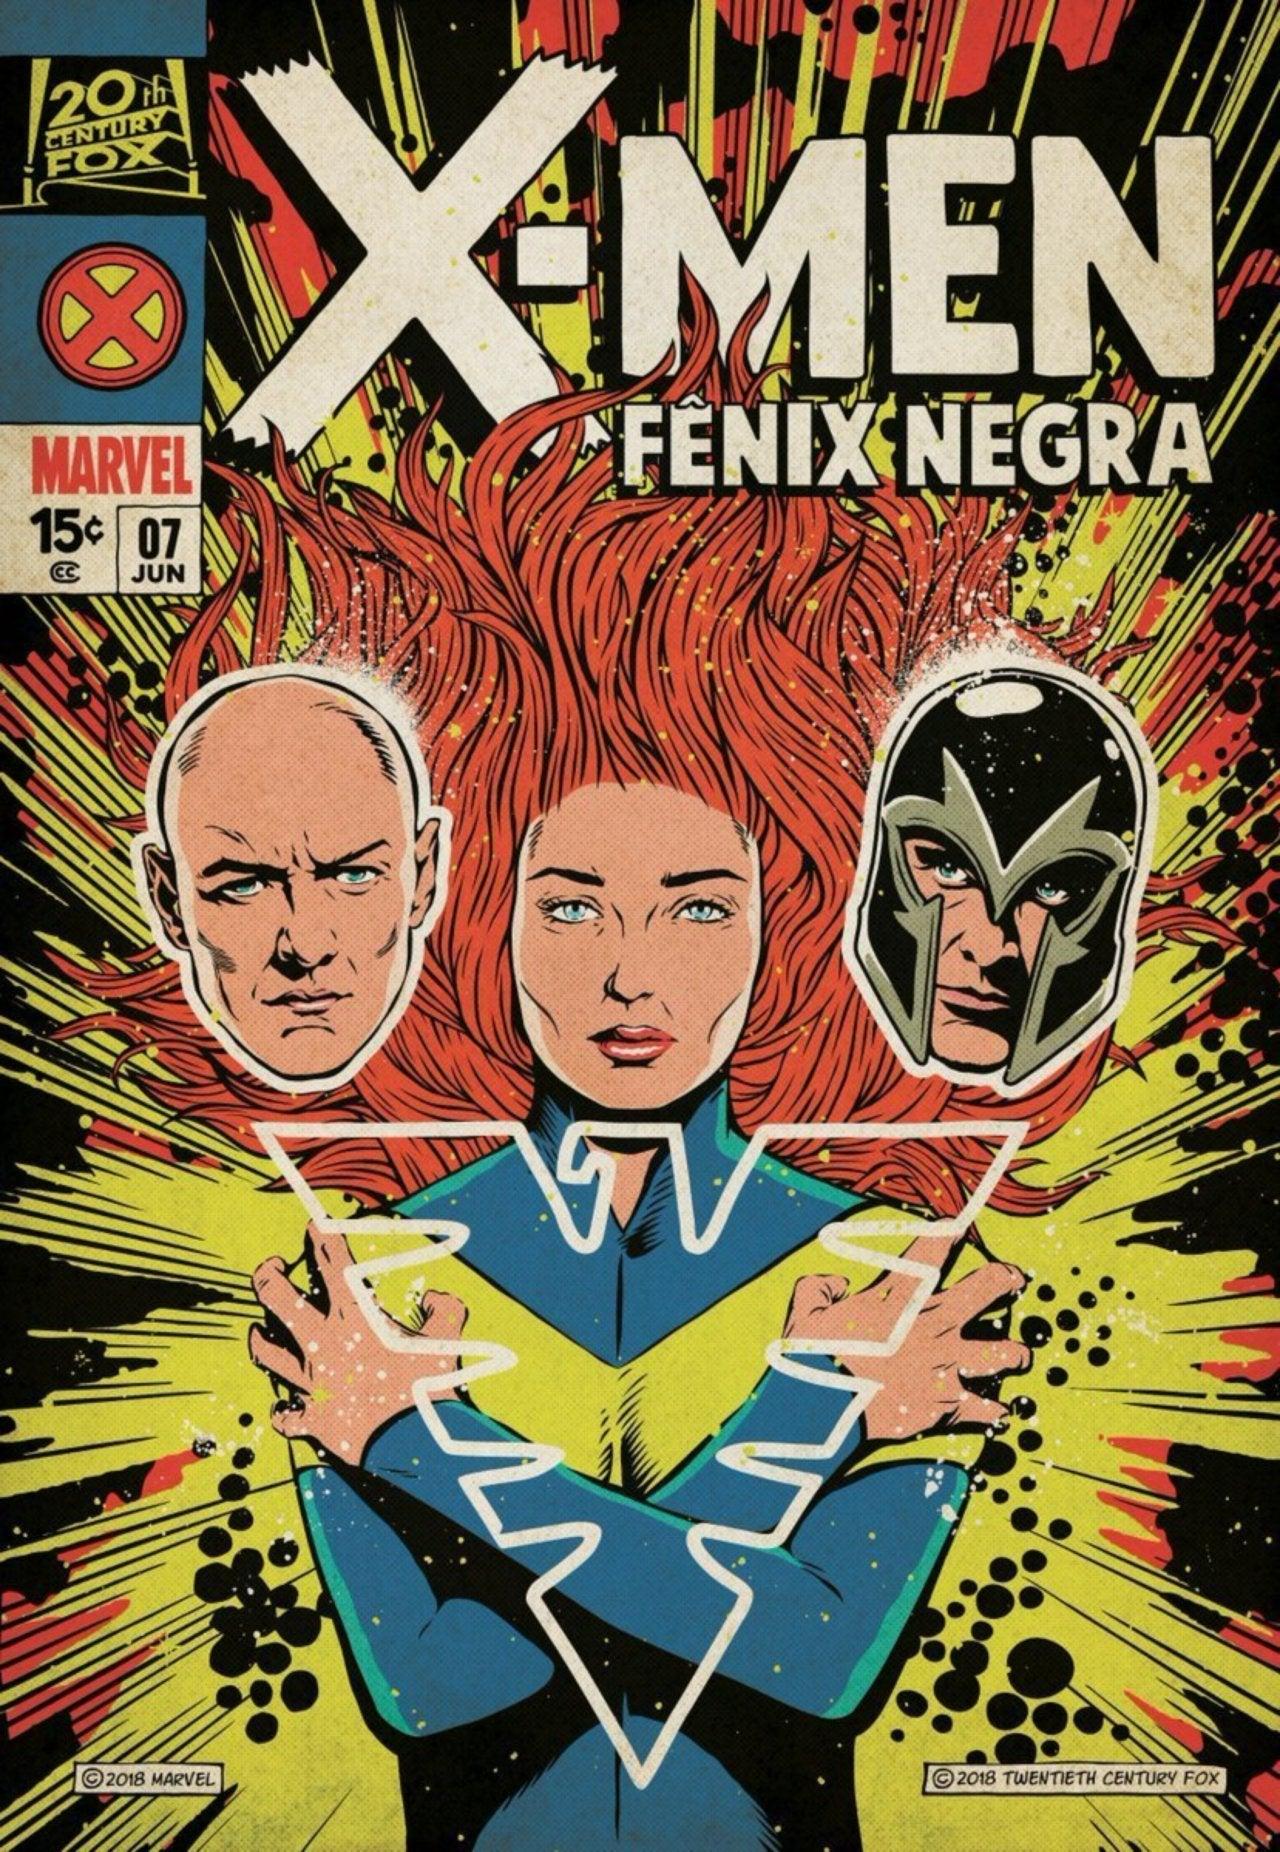 New X Men Dark Phoenix Poster Released